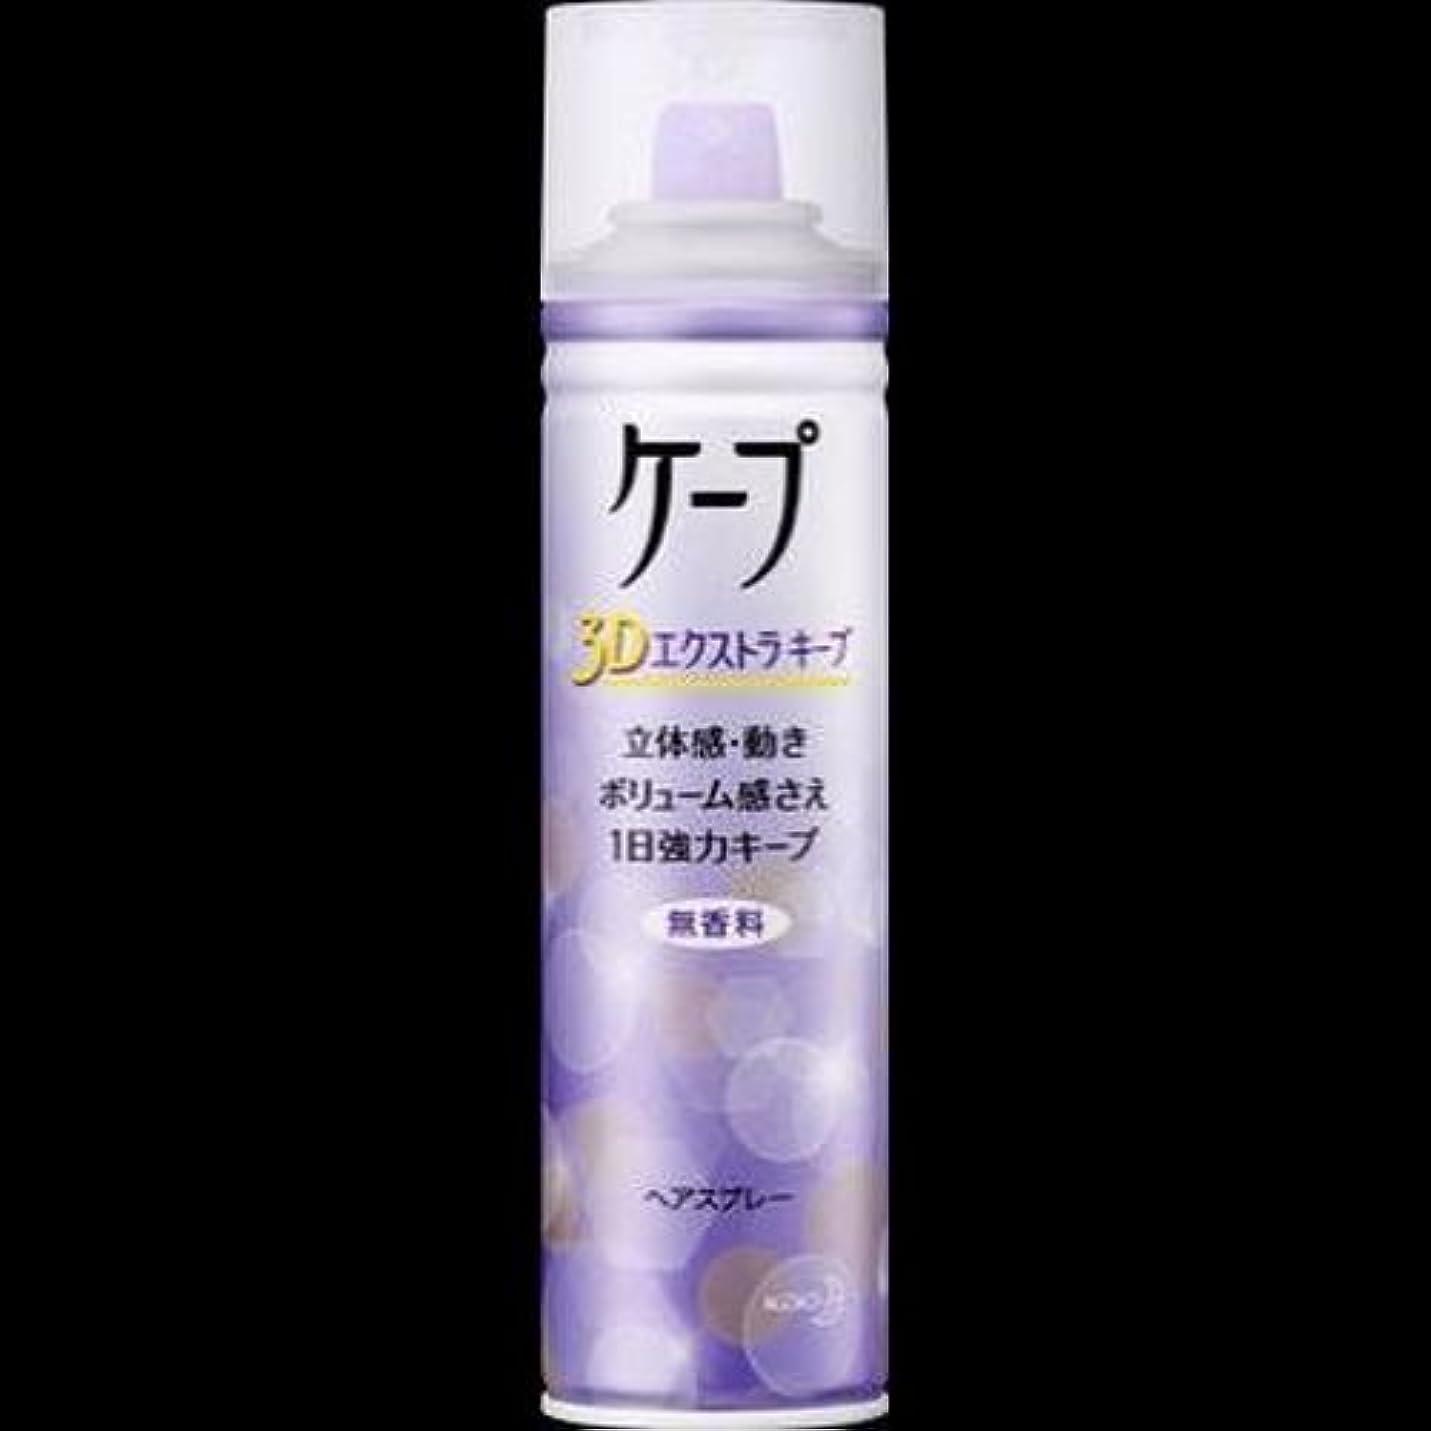 サバントタイムリーな知覚【まとめ買い】ケープ 3D エクストラ キープ 無香料 180g ×2セット